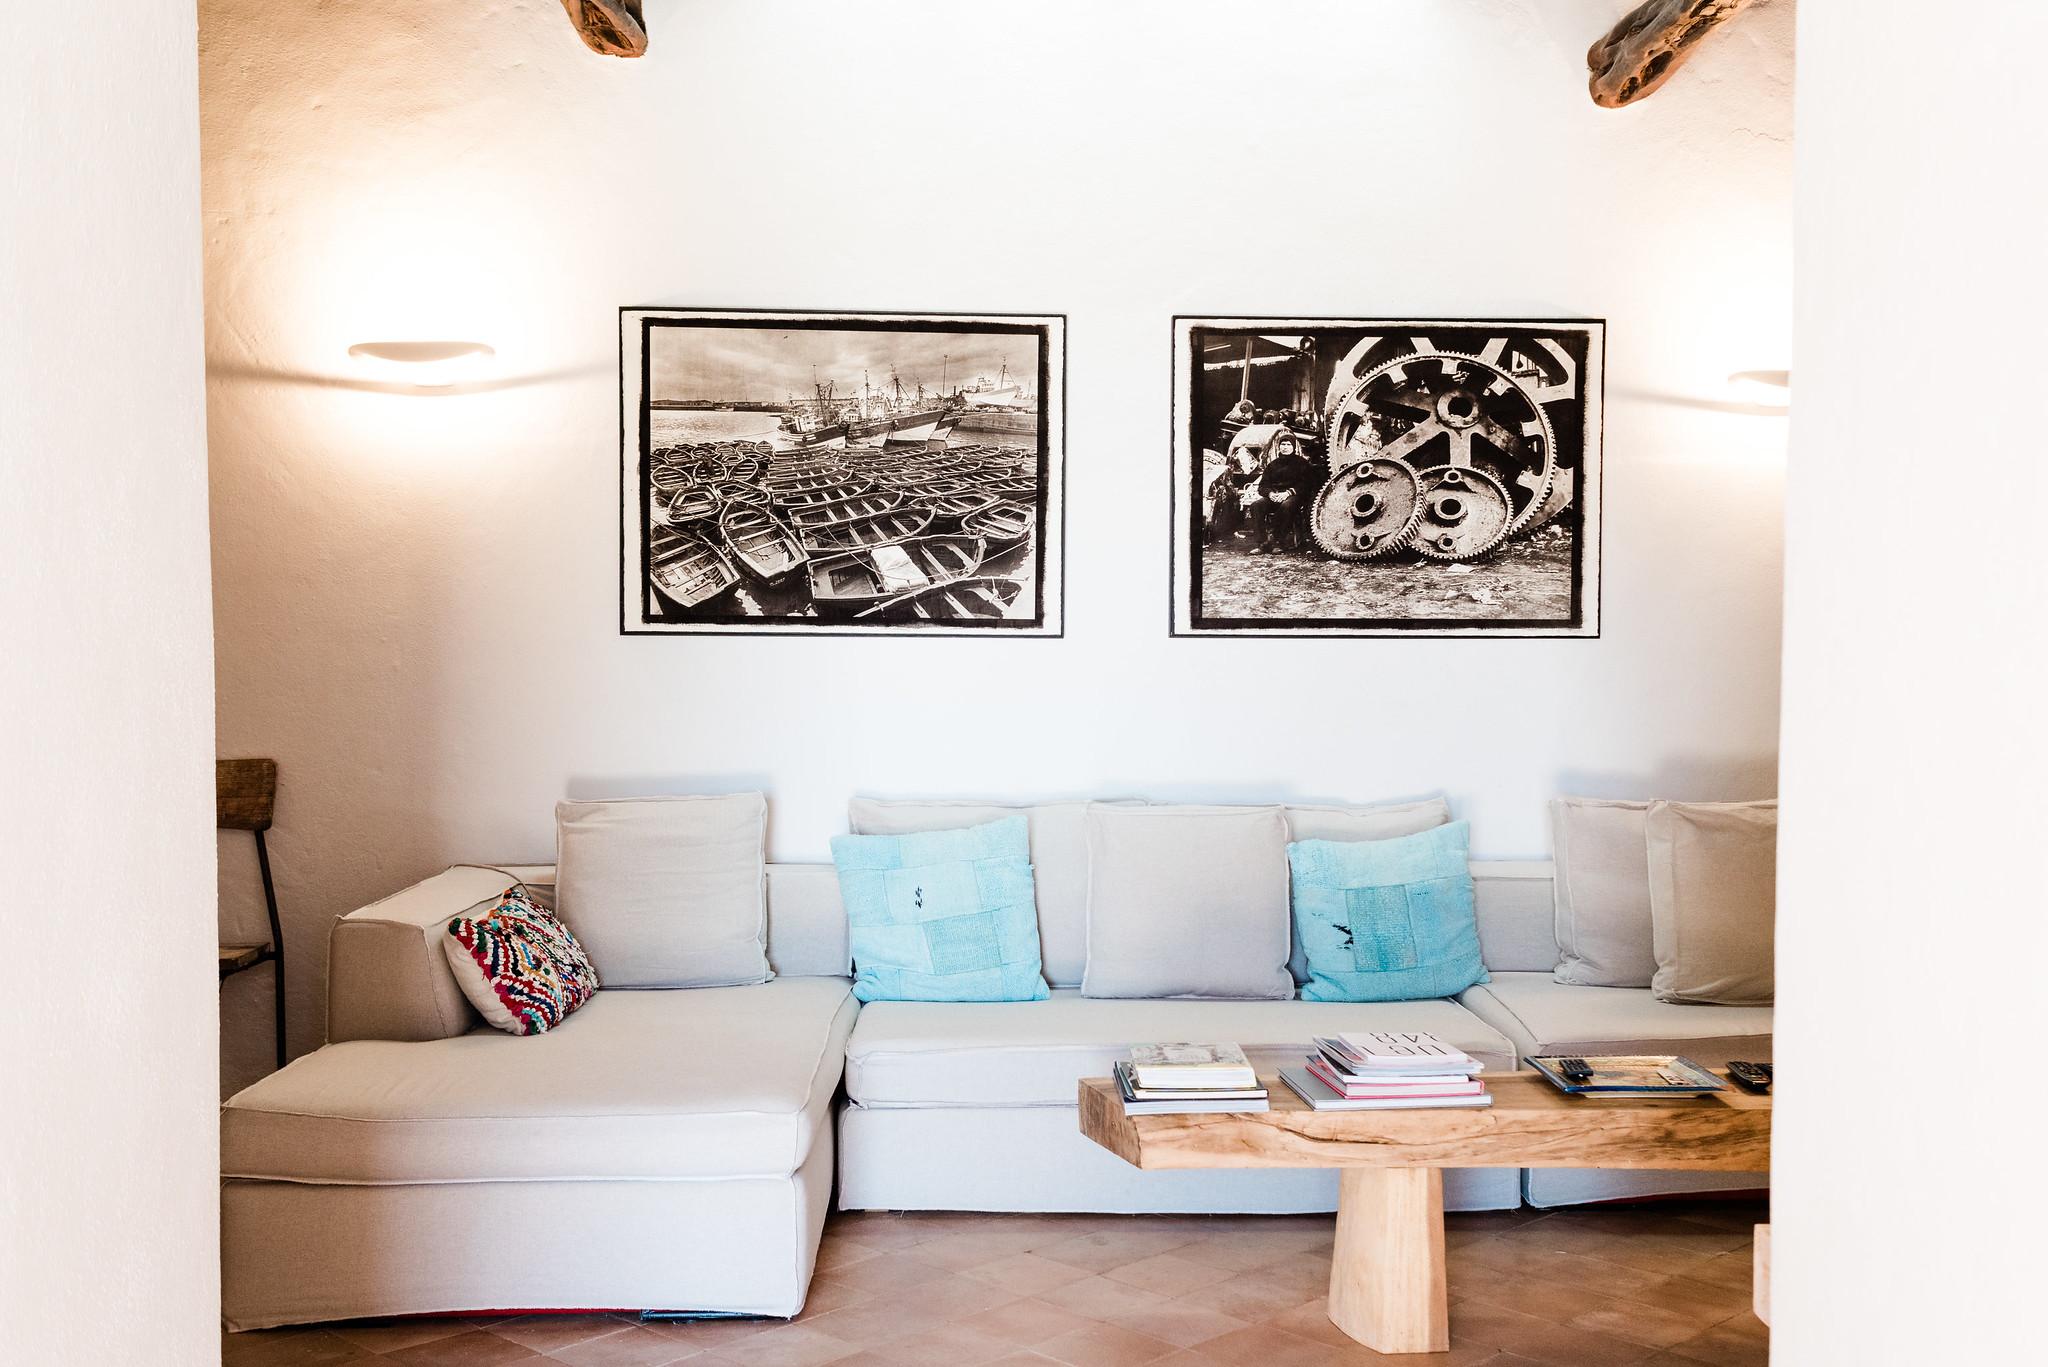 https://www.white-ibiza.com/wp-content/uploads/2020/06/white-ibiza-villas-villa-andrea-interior-sofa.jpg